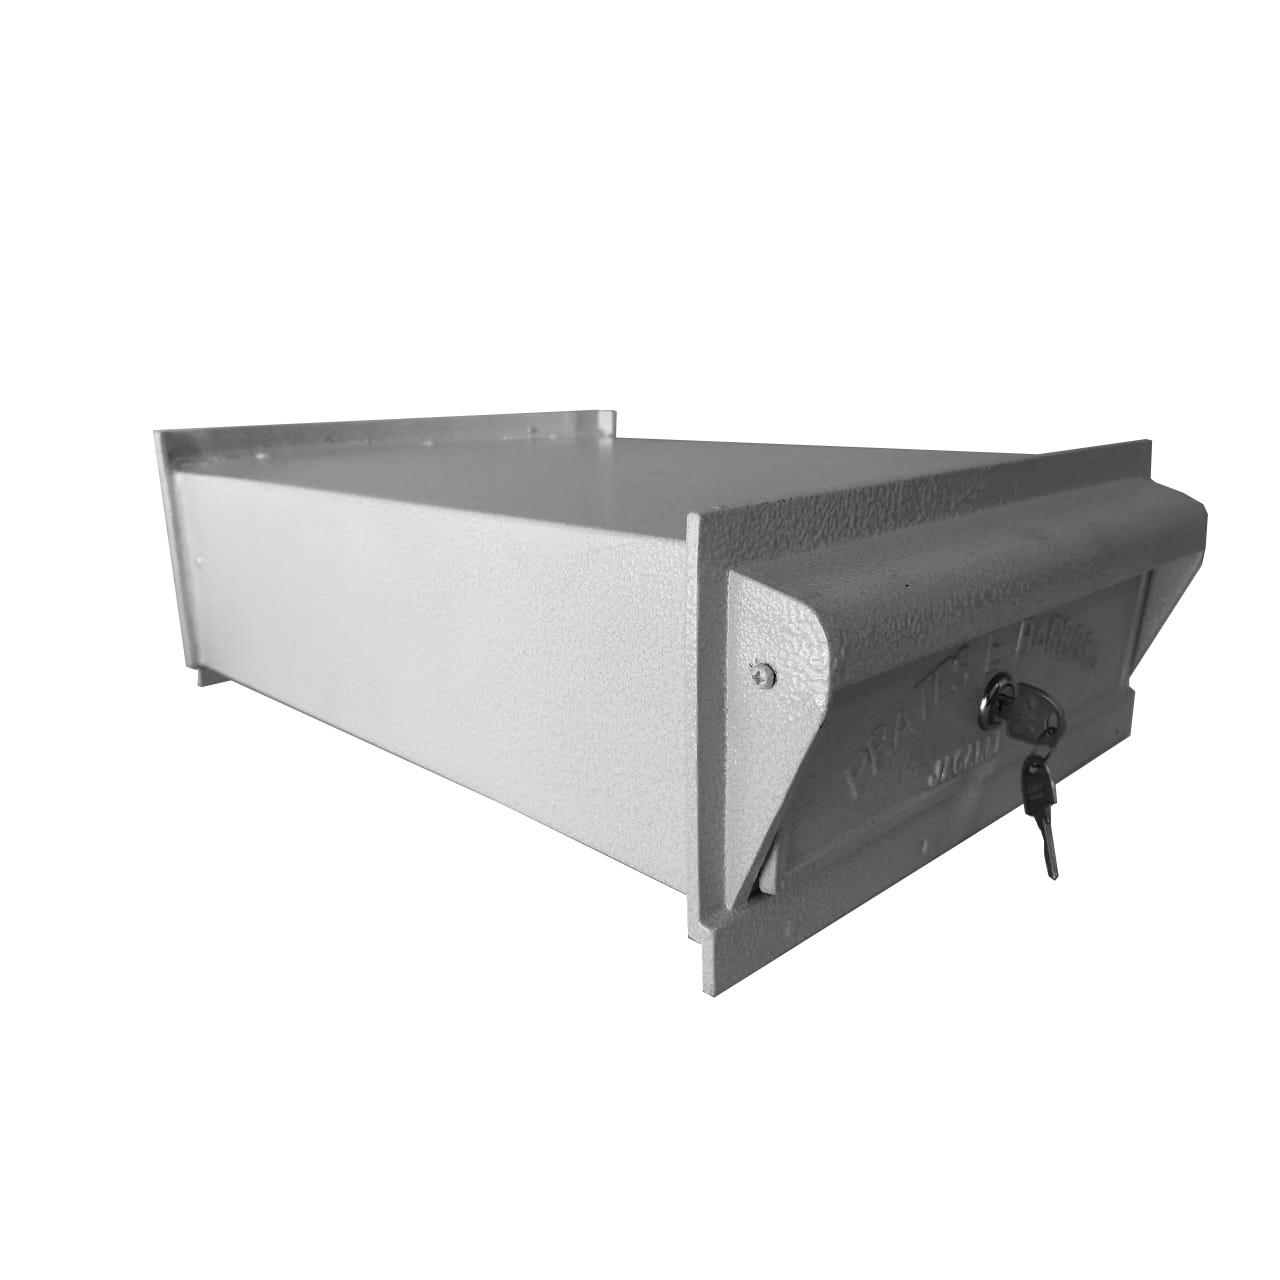 SALDO - Caixa de Correio Grande 100% Alumínio Fundido - CONDOMÍNIO